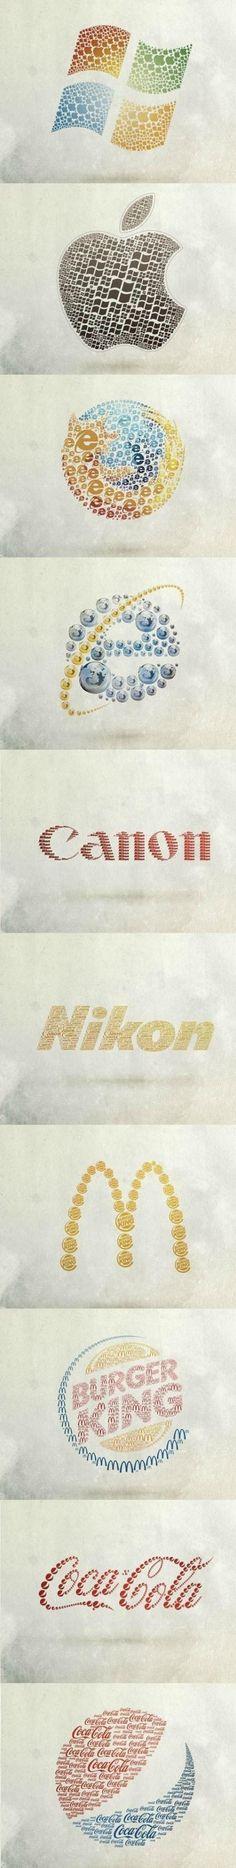 Logos opuestos.